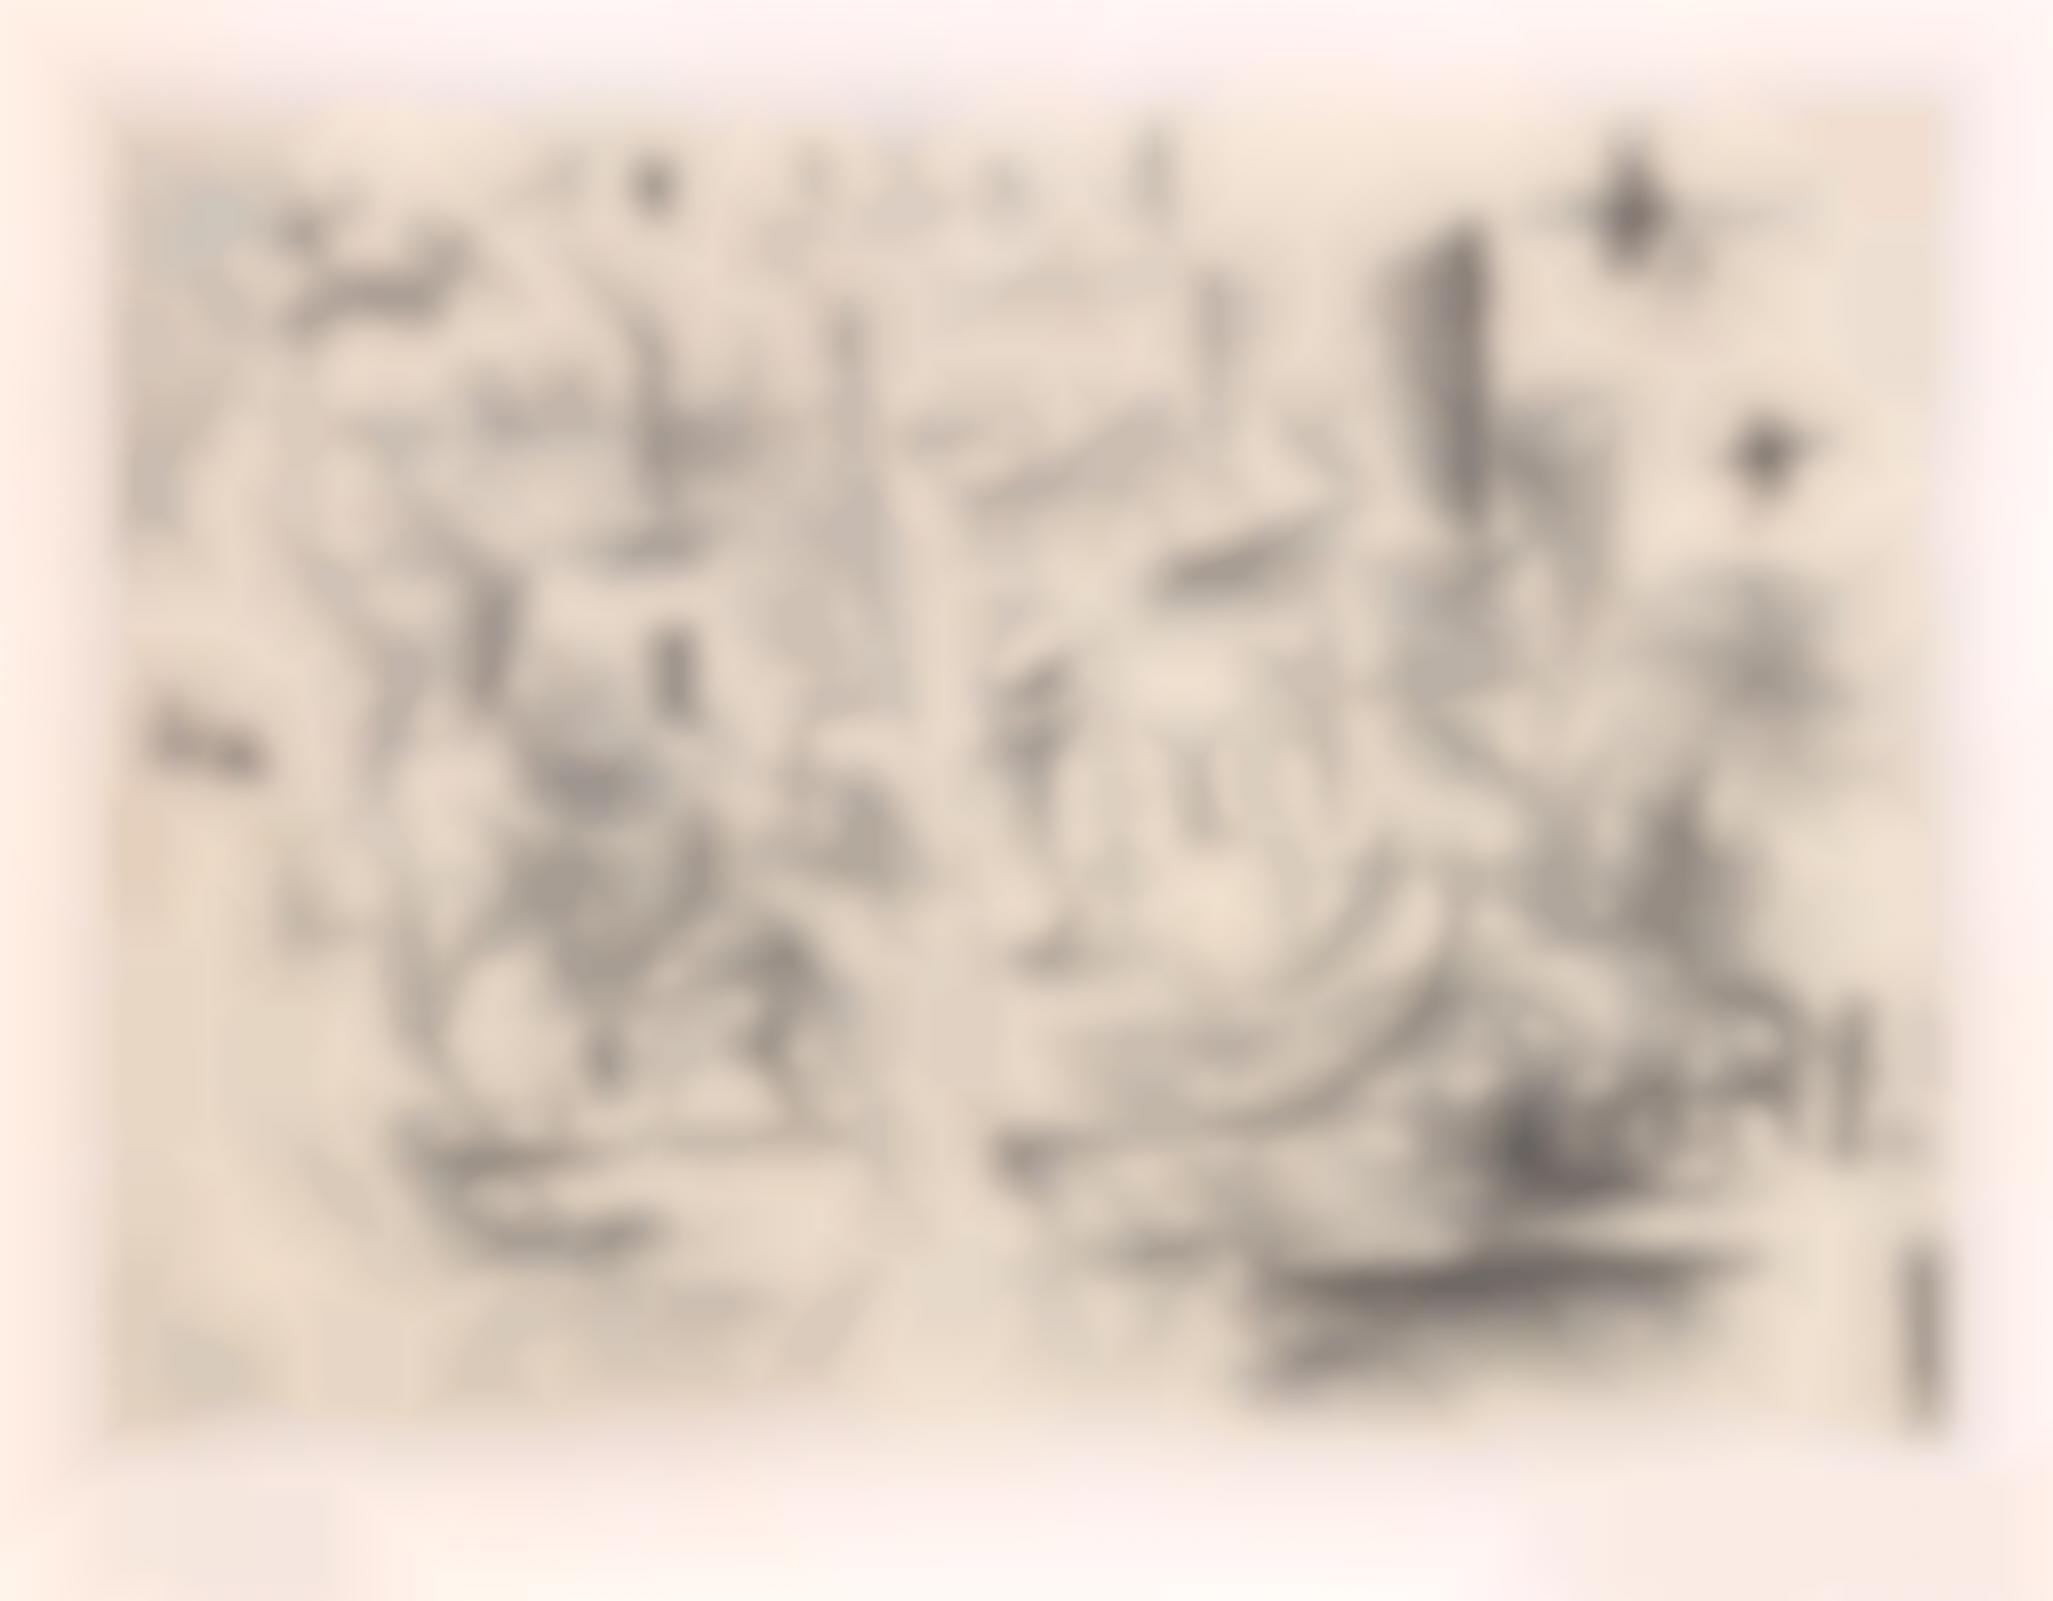 Georges Braque-Paris (Paris 1910 Ou Nature Morte Sur Une Table) (Paris 1910 Or Still Life On A Table)-1954